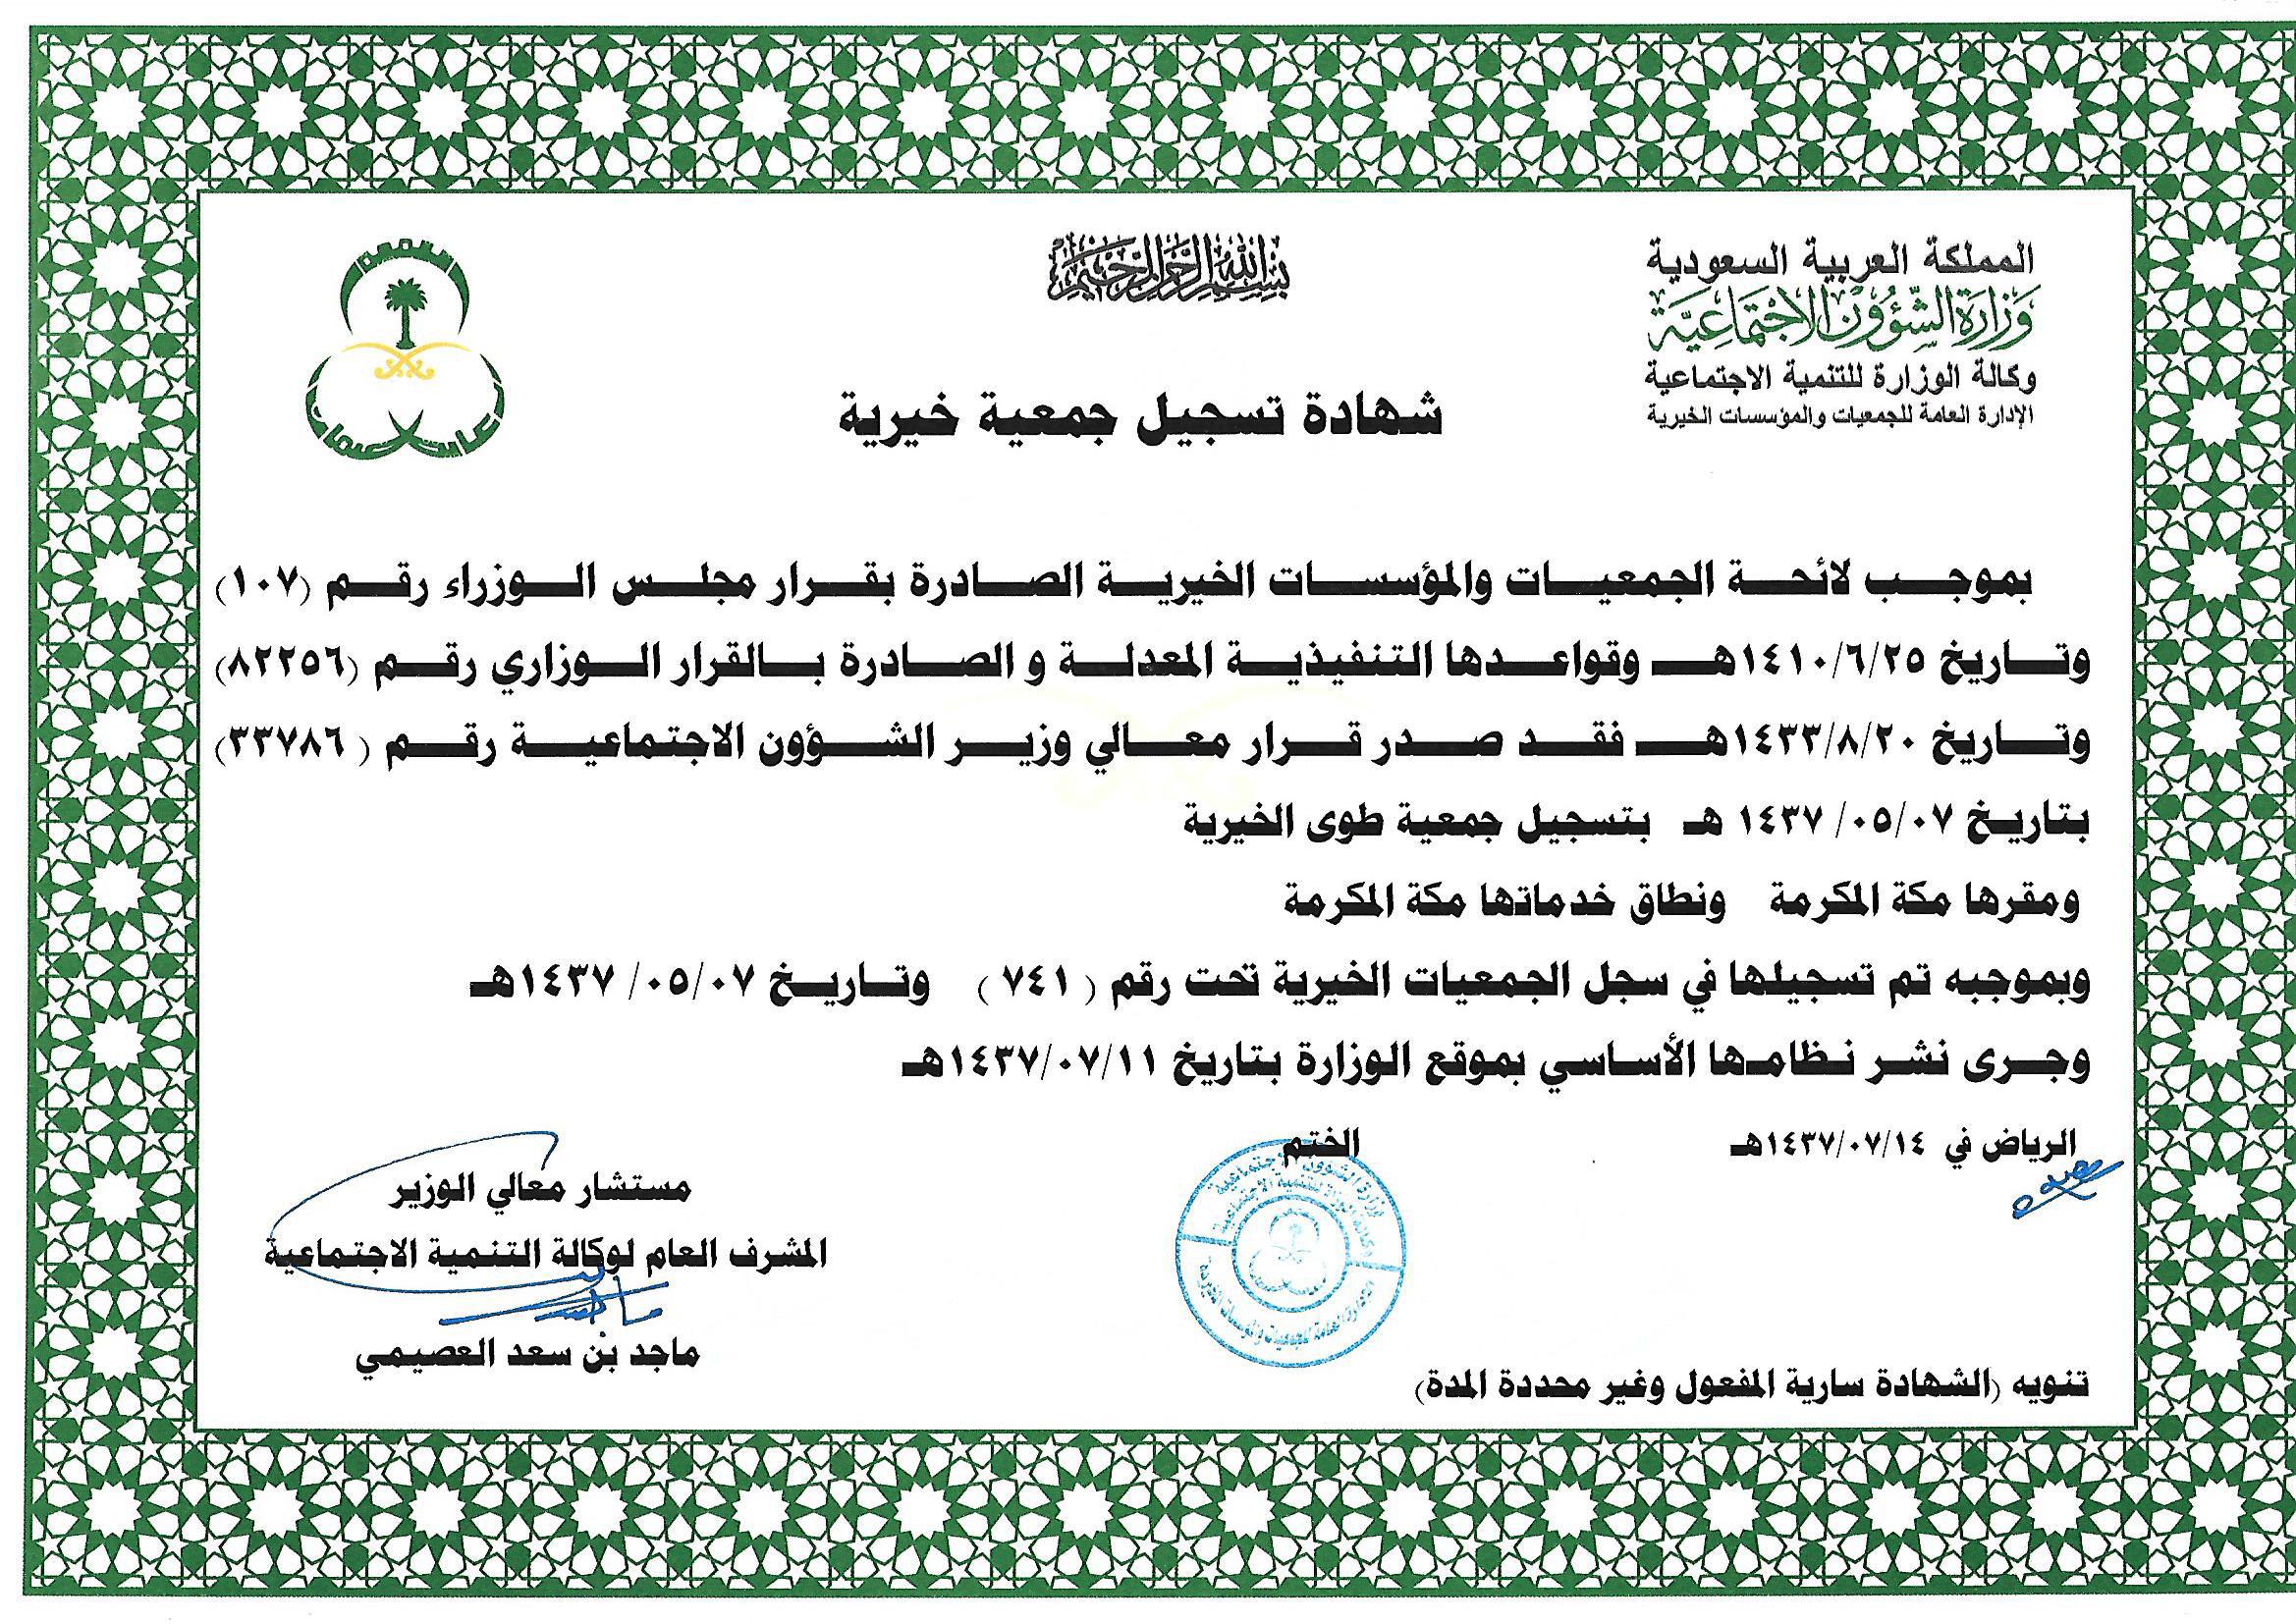 تصريح وزارة التنمية